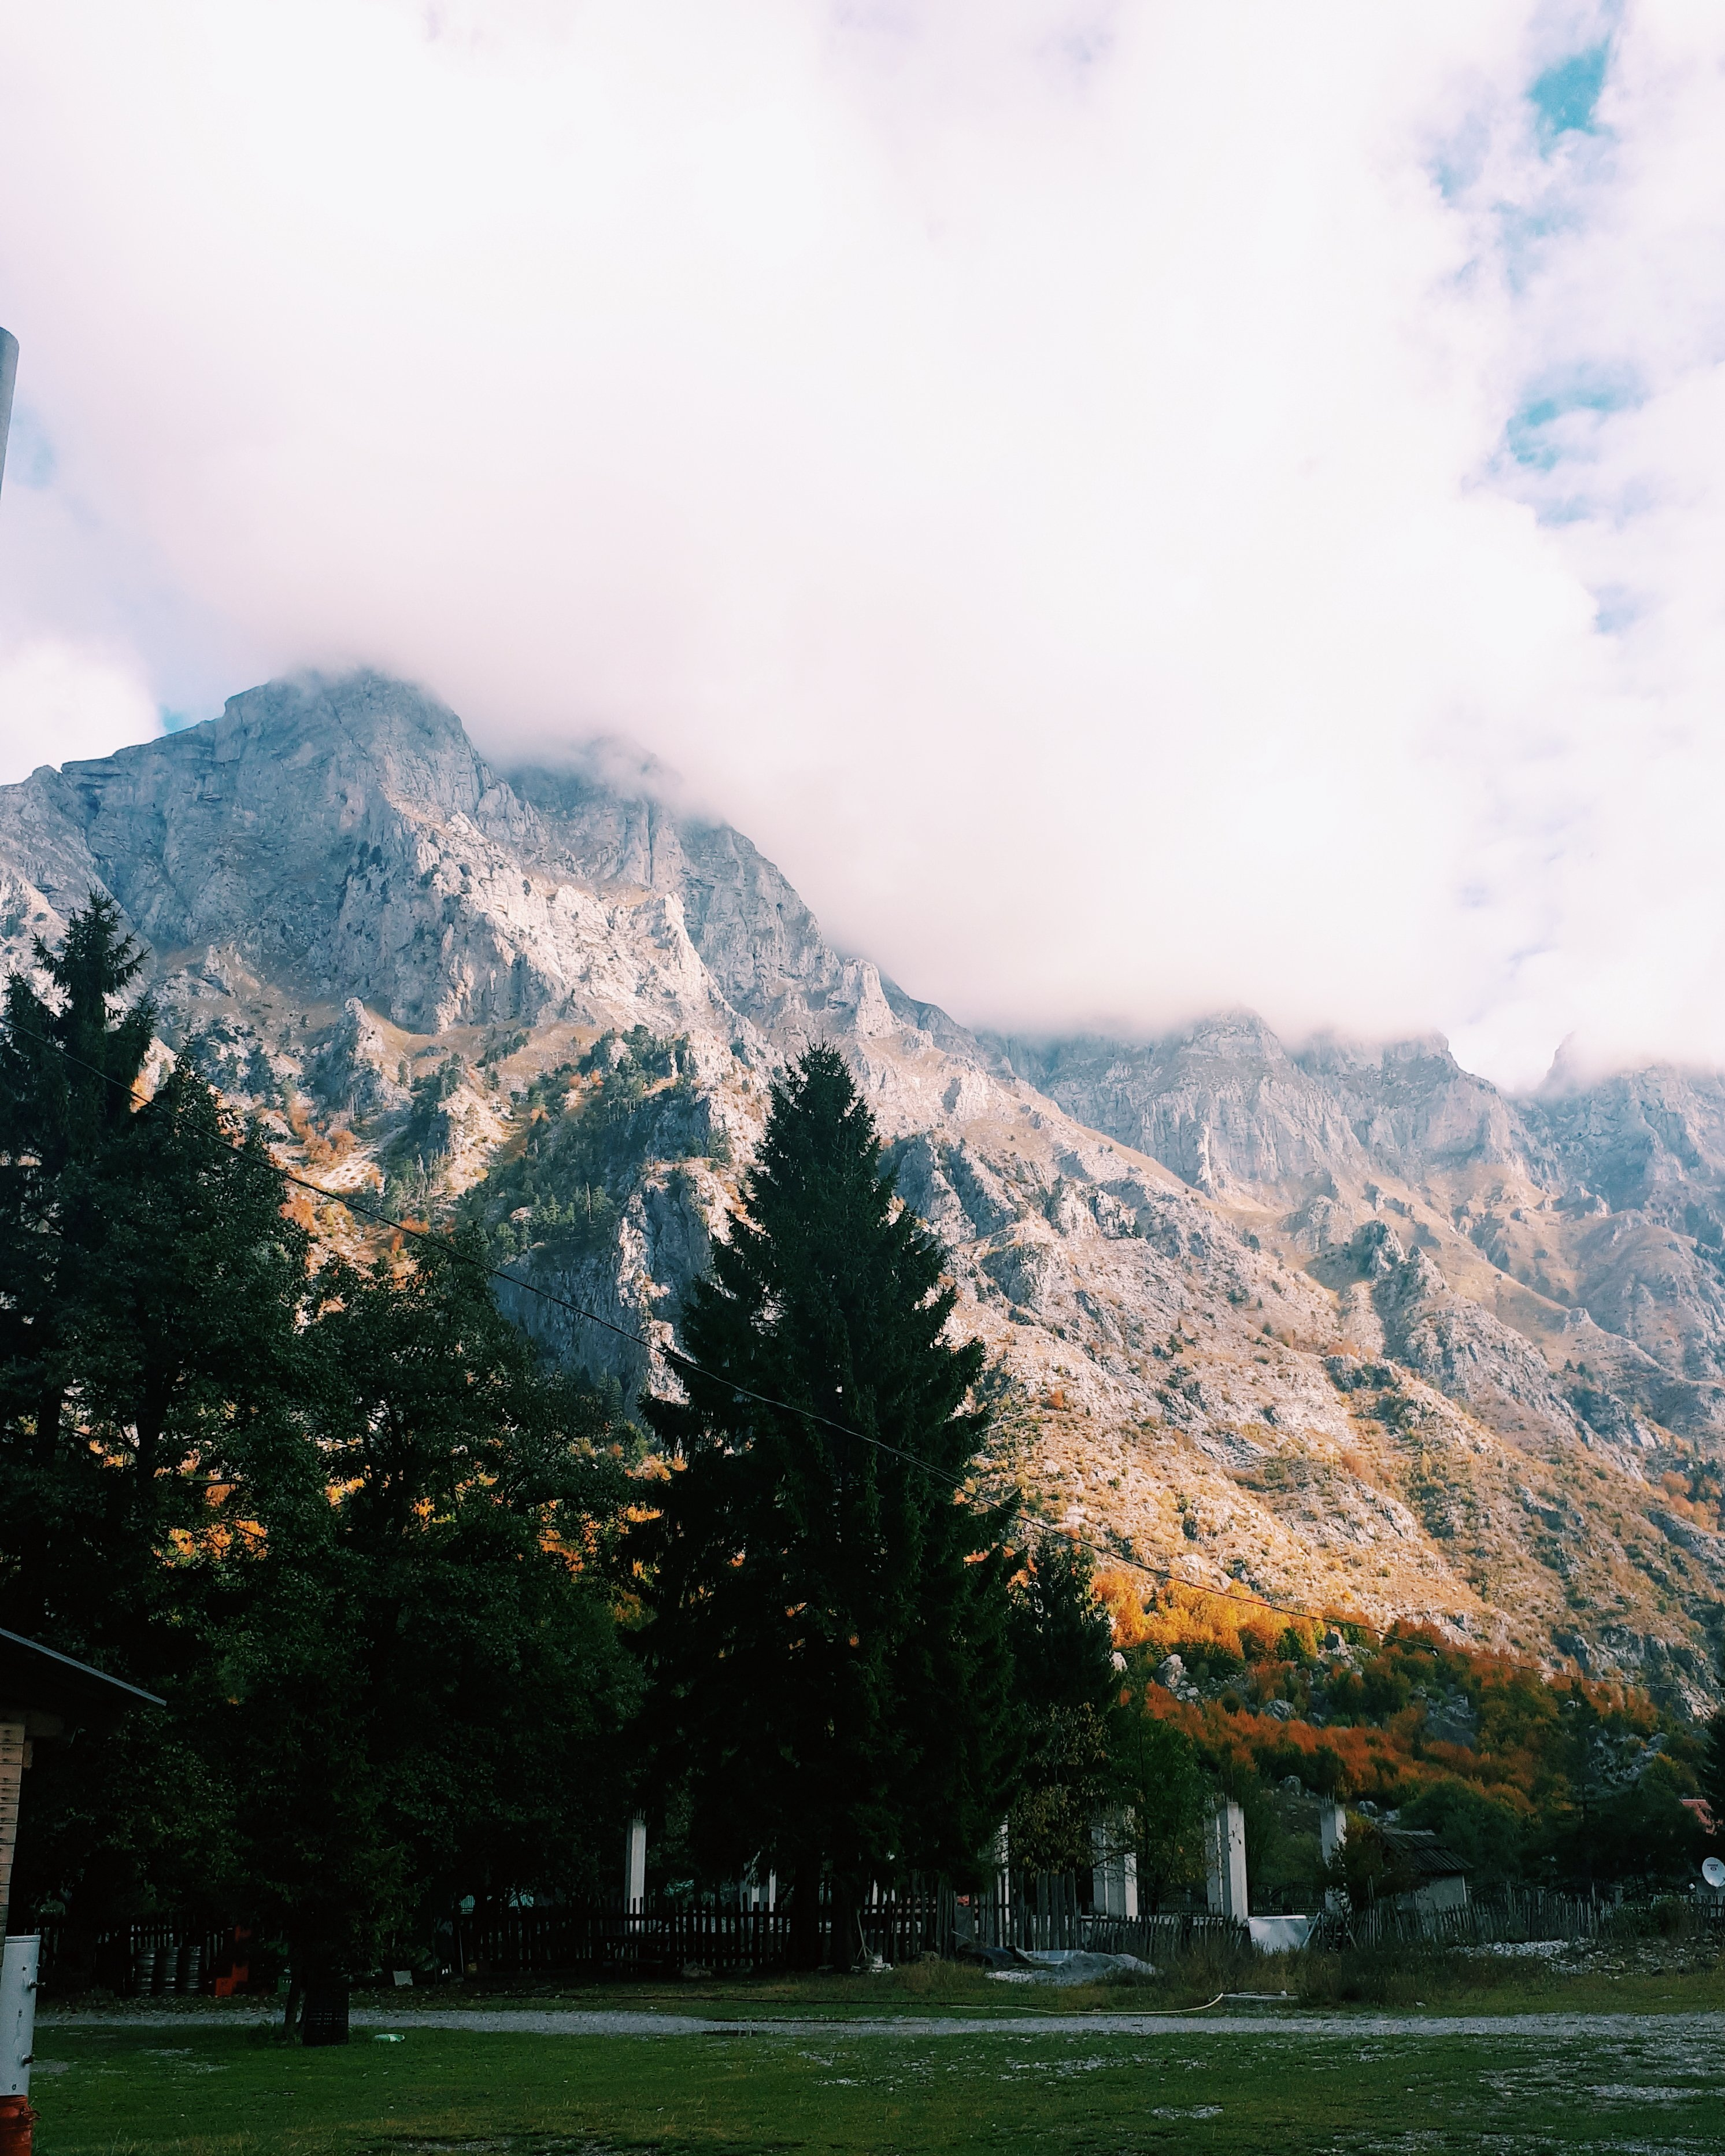 valbonë national park